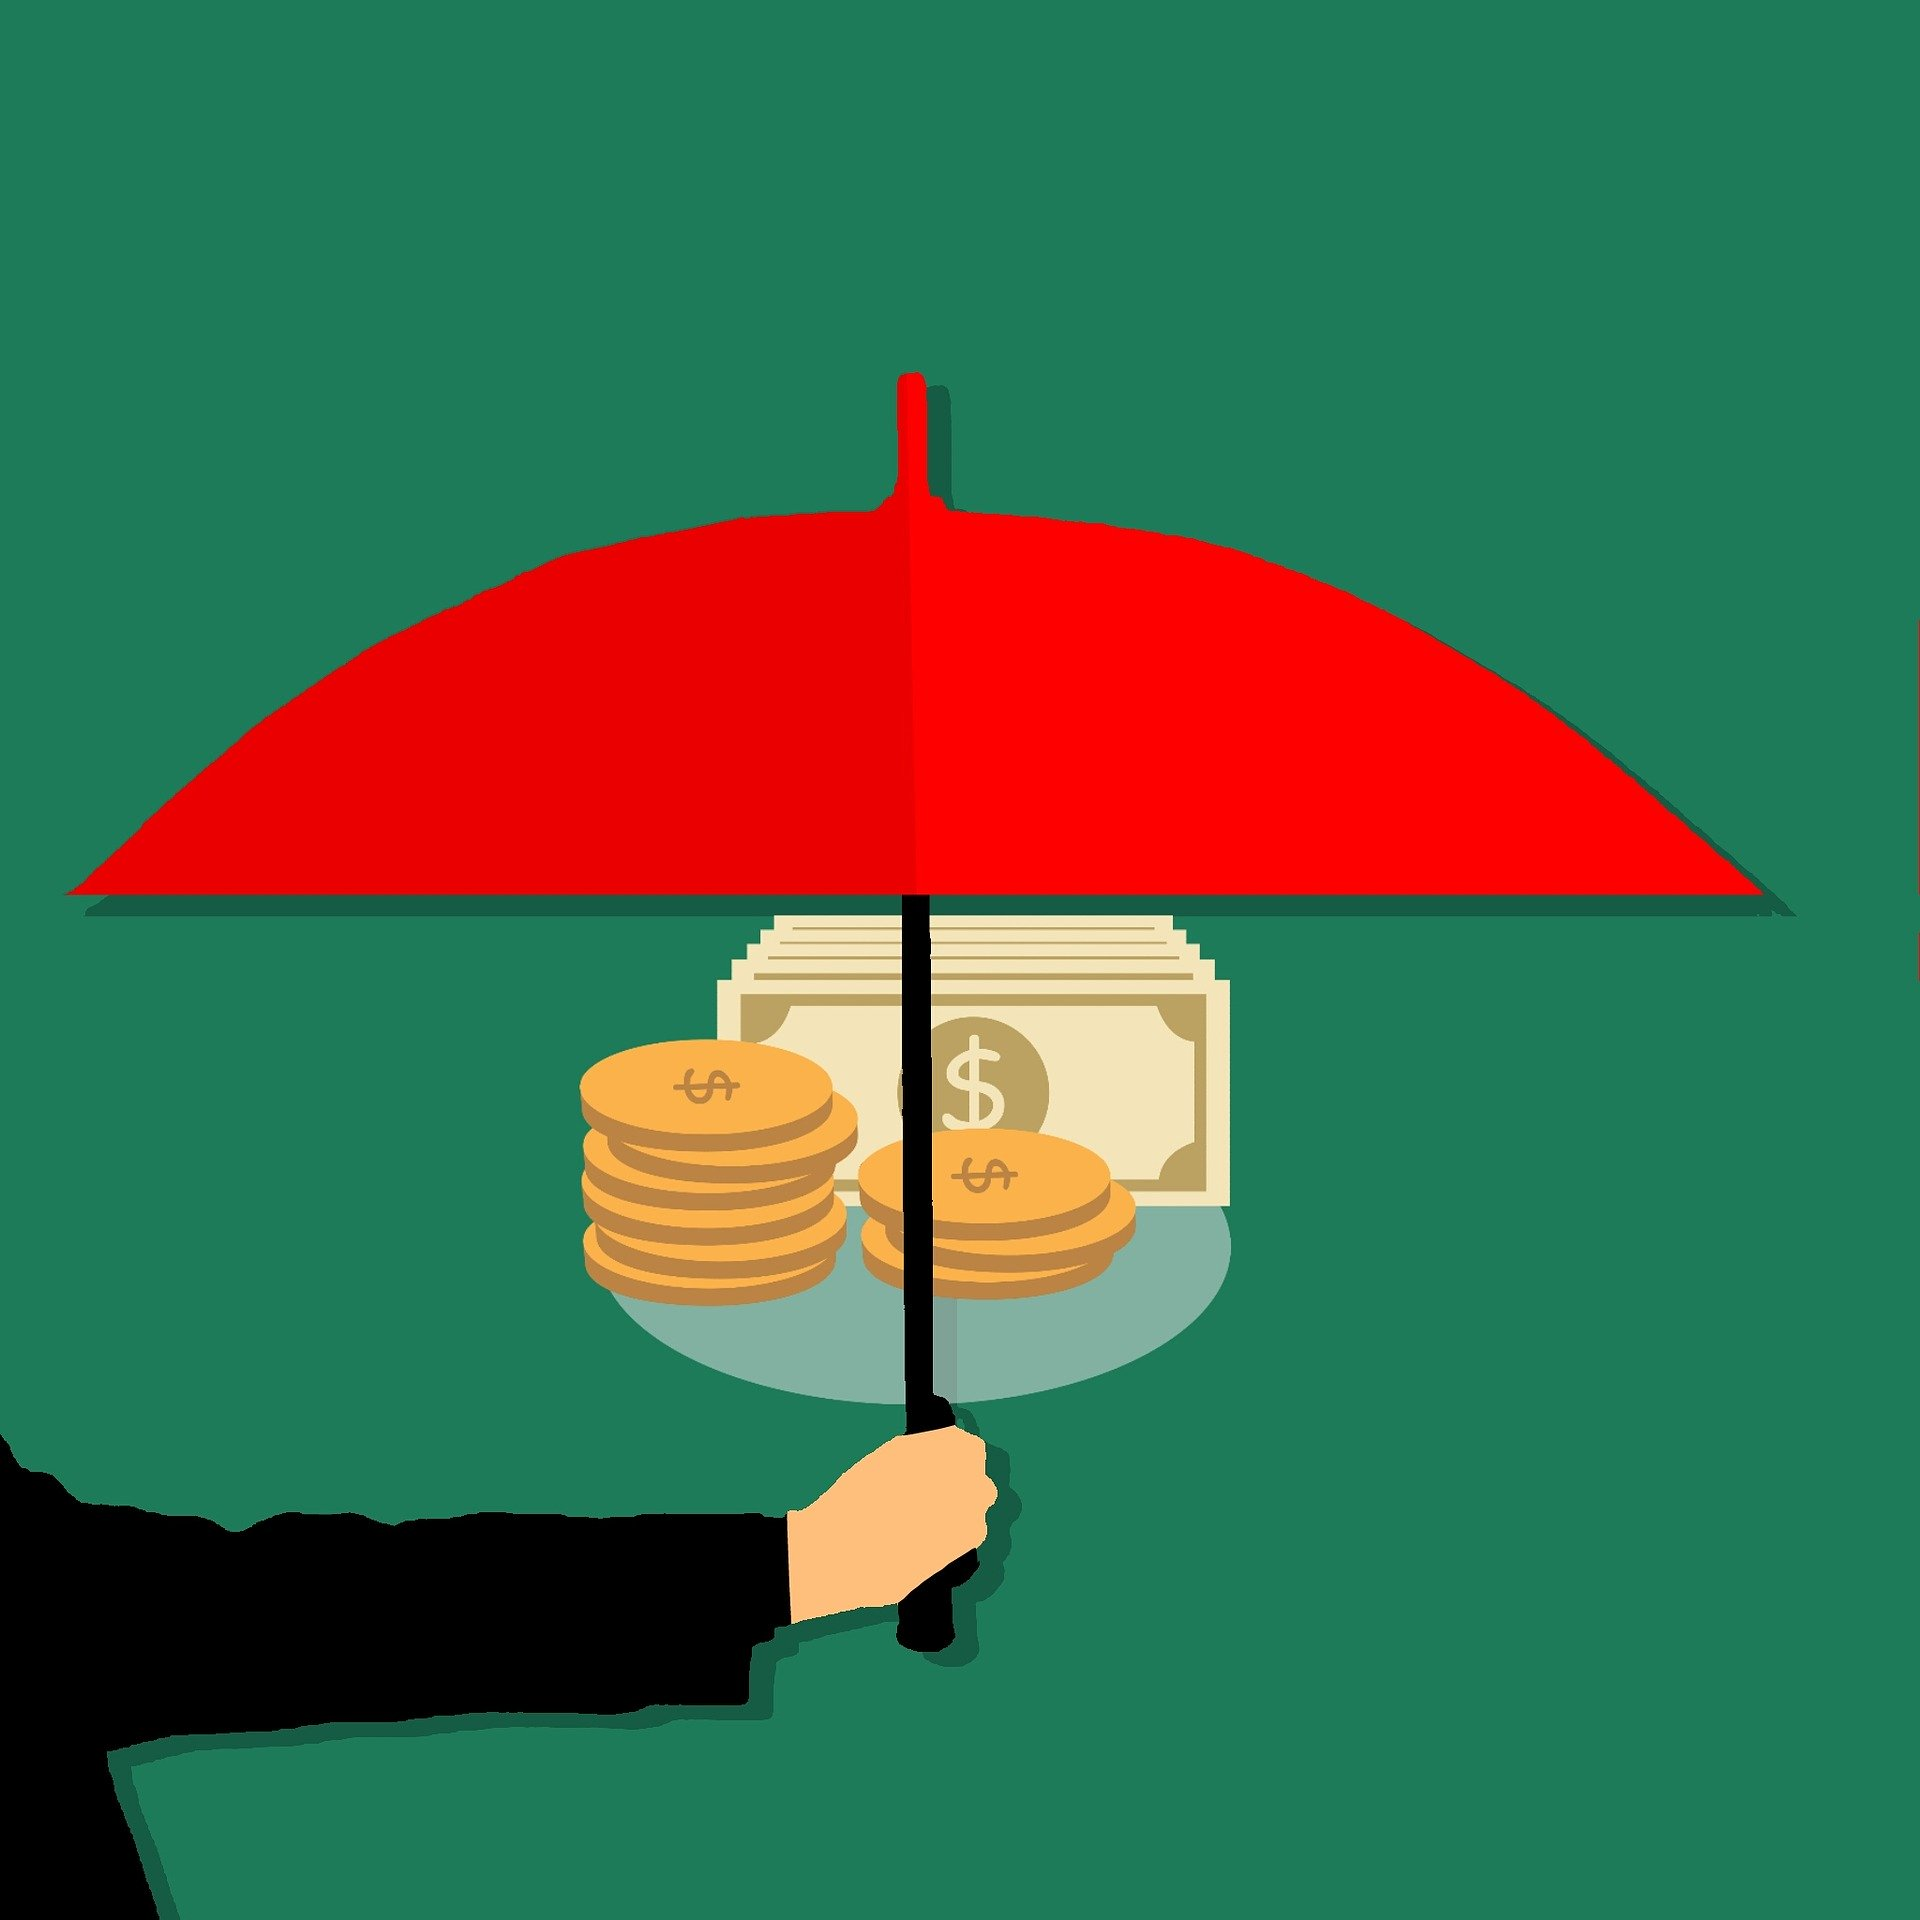 Проведення операцій із коштами тендерного забезпечення в разі настання гарантійного випадку при здійсненні закупівель за бюджетні кошти